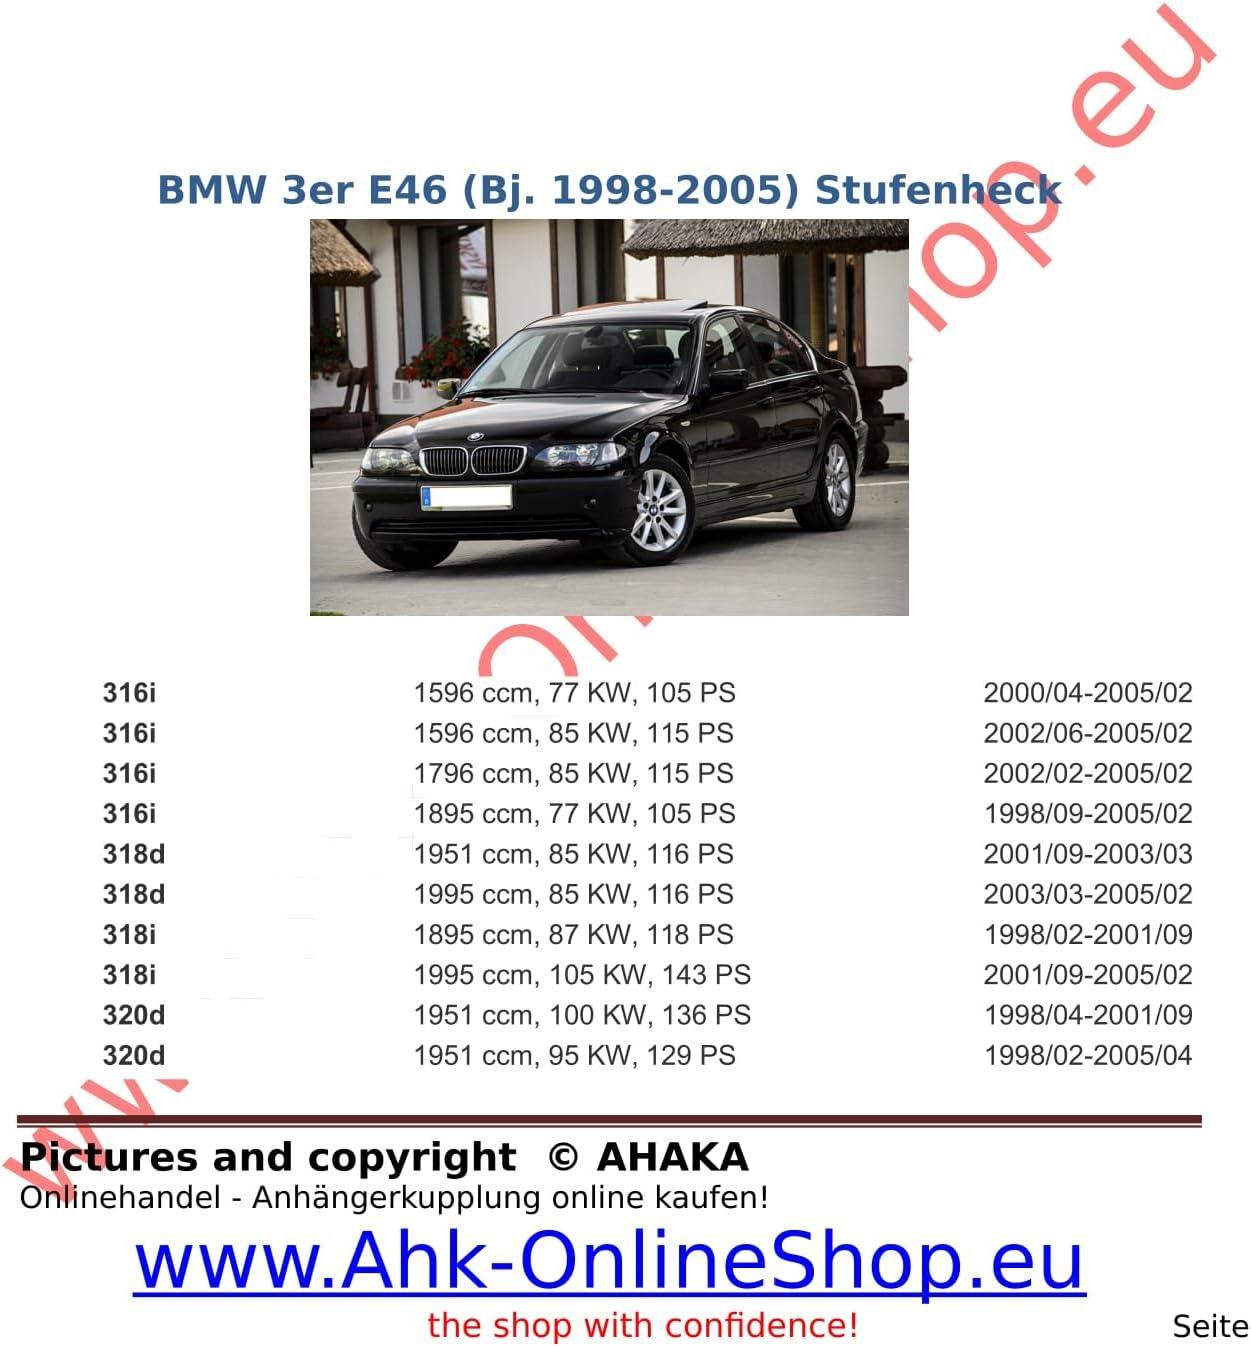 Abnehmbare Anhängerkupplung für BMW 3er Touring 10.1999-02.2005 E46 Auto Hak ABE